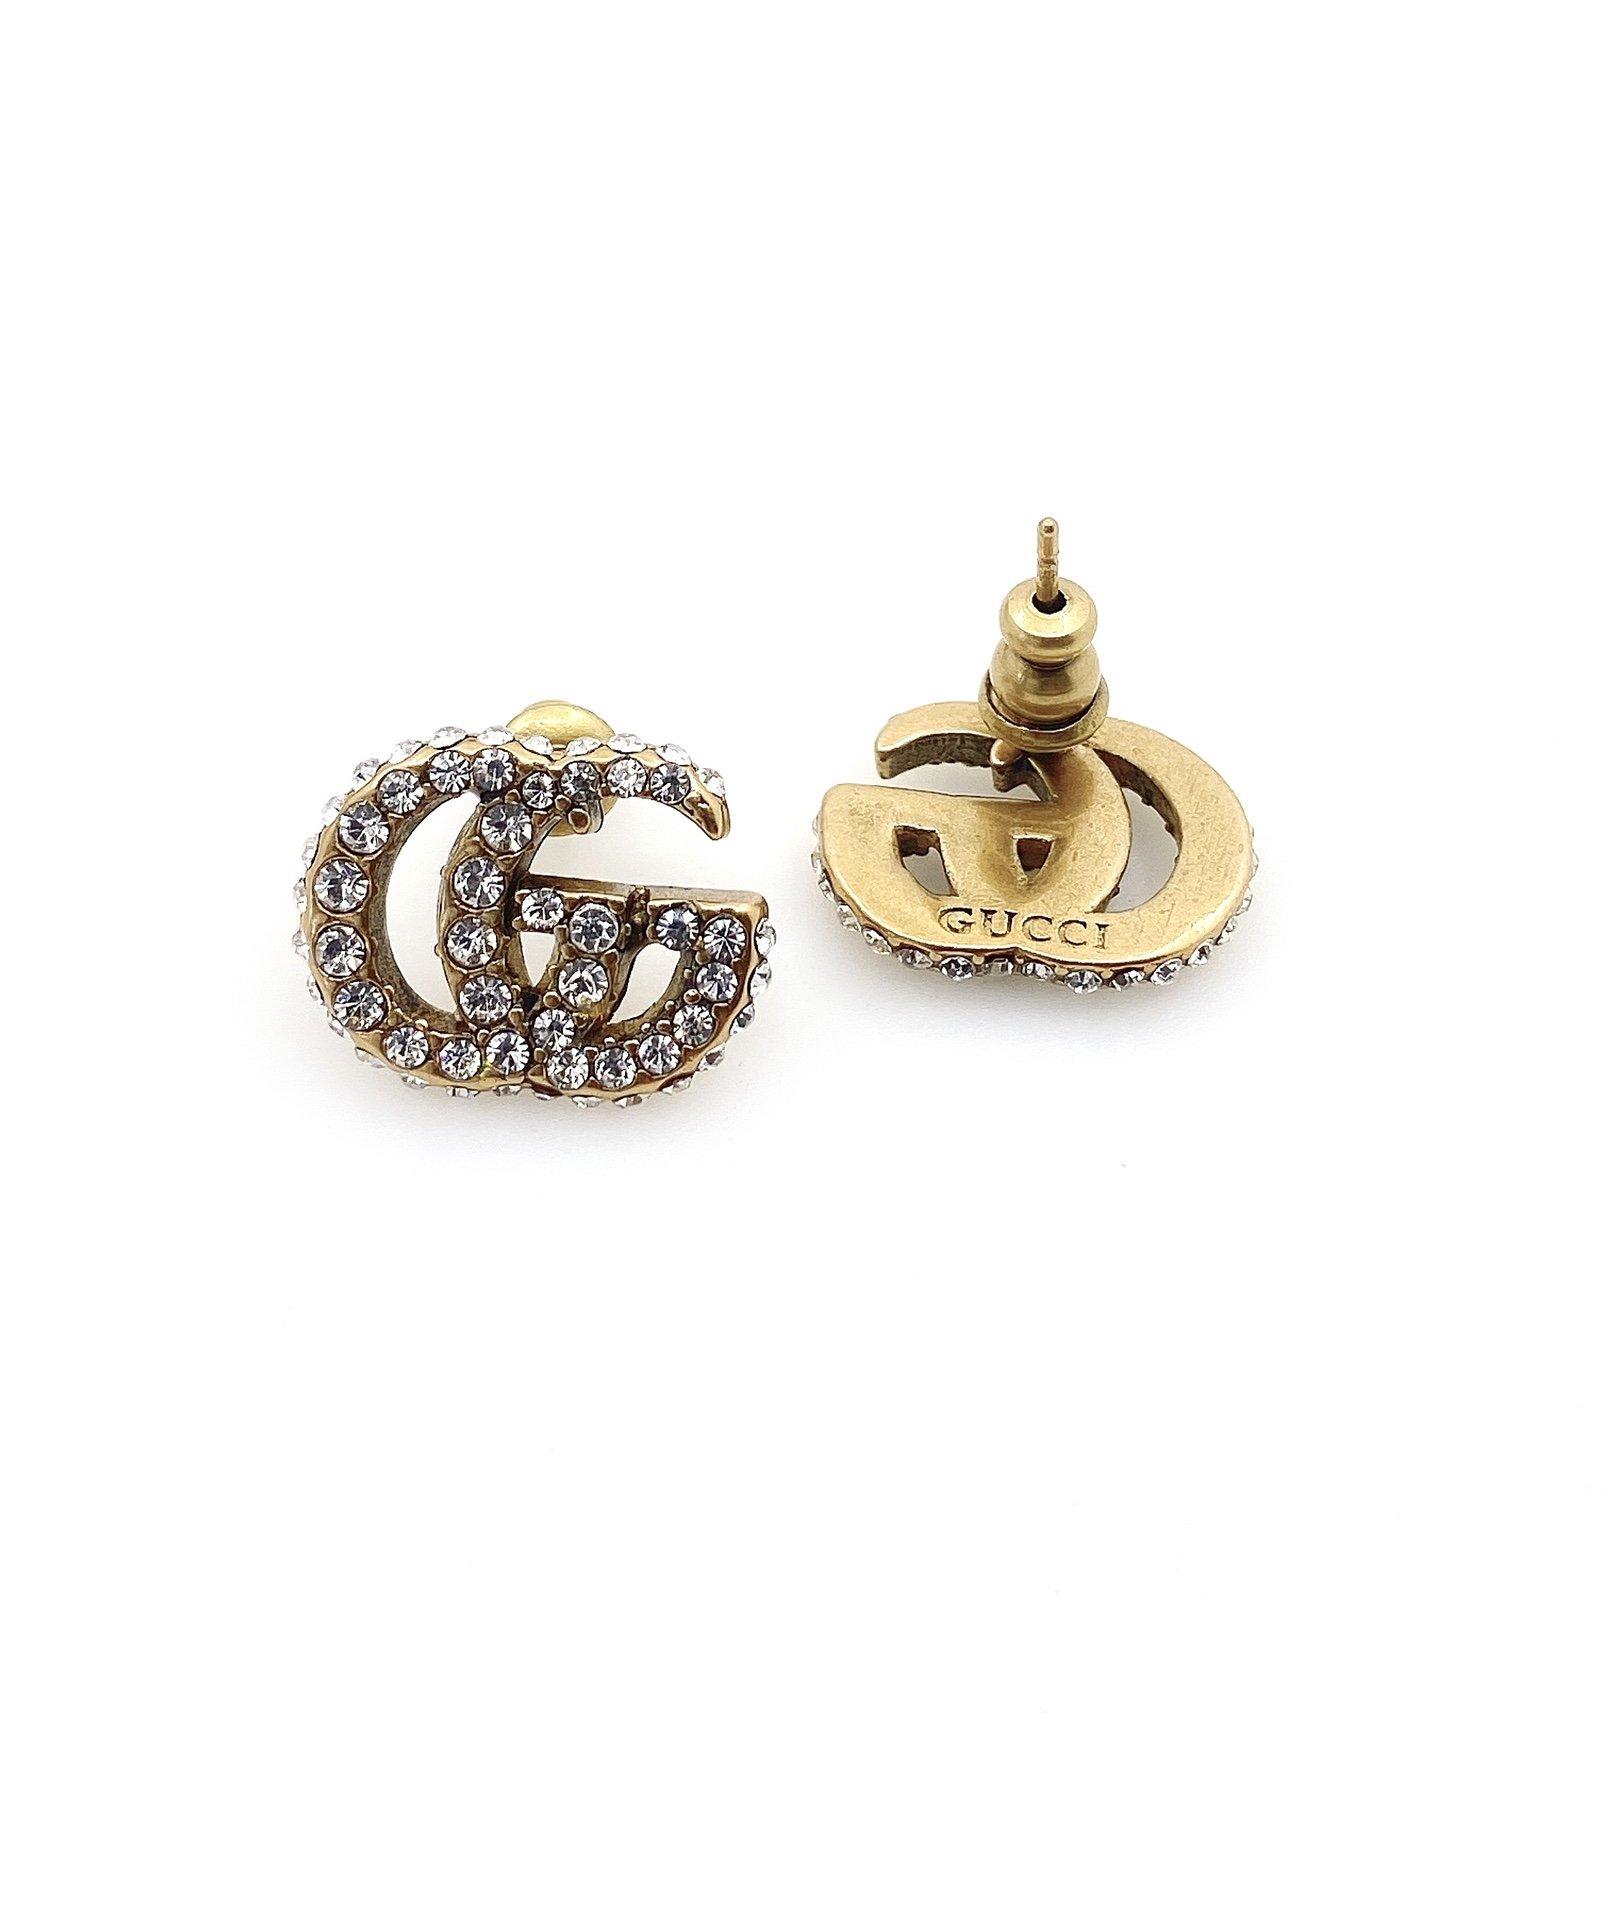 G家双G耳钉同款材质925银针